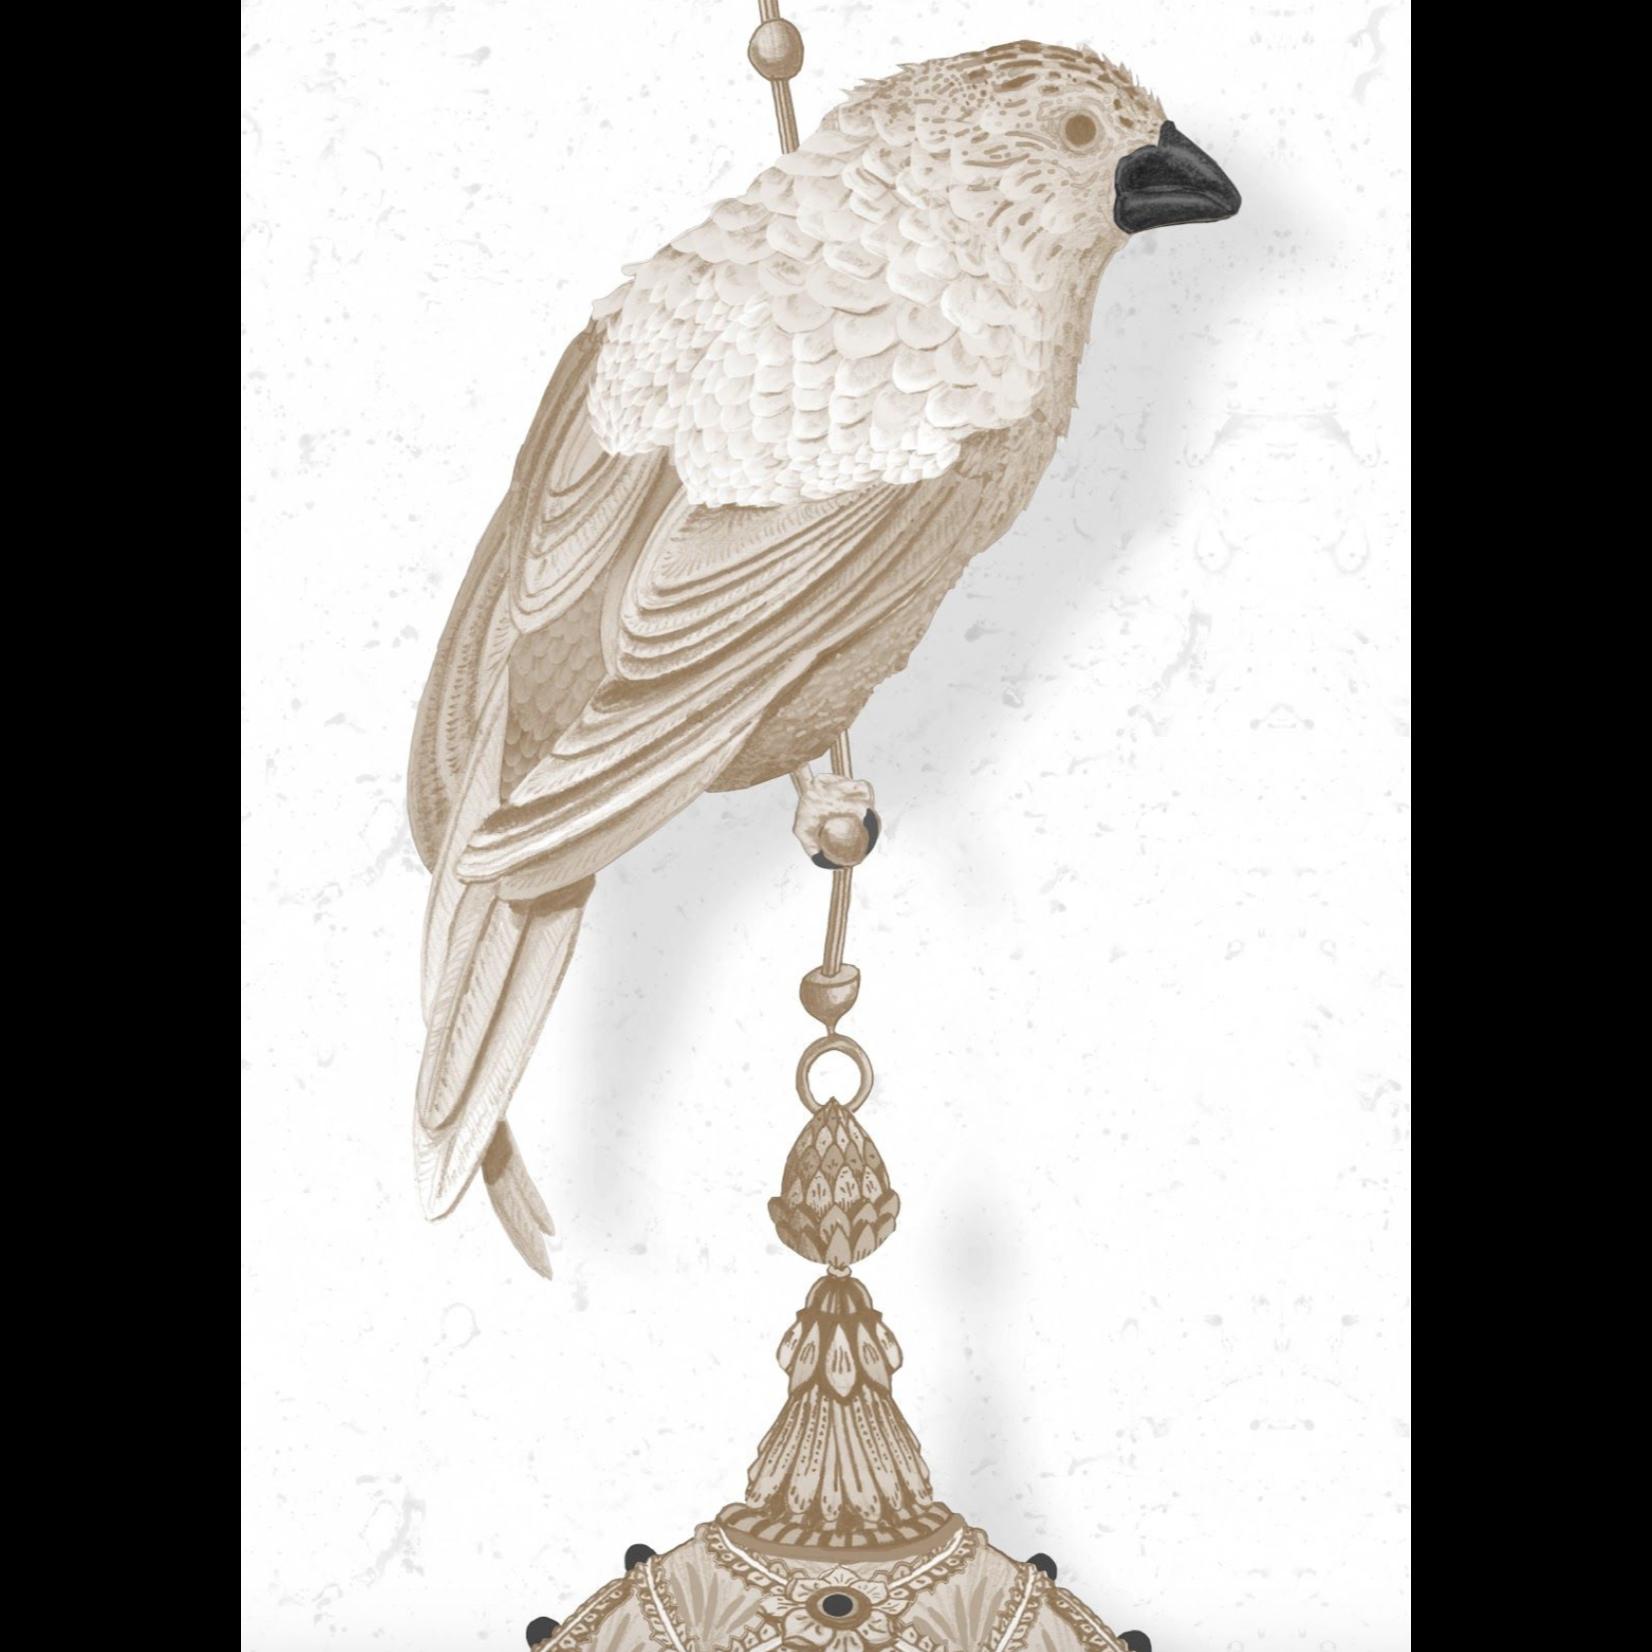 Kit Miles Pendentifs et oiseaux d'ornement   Pierre